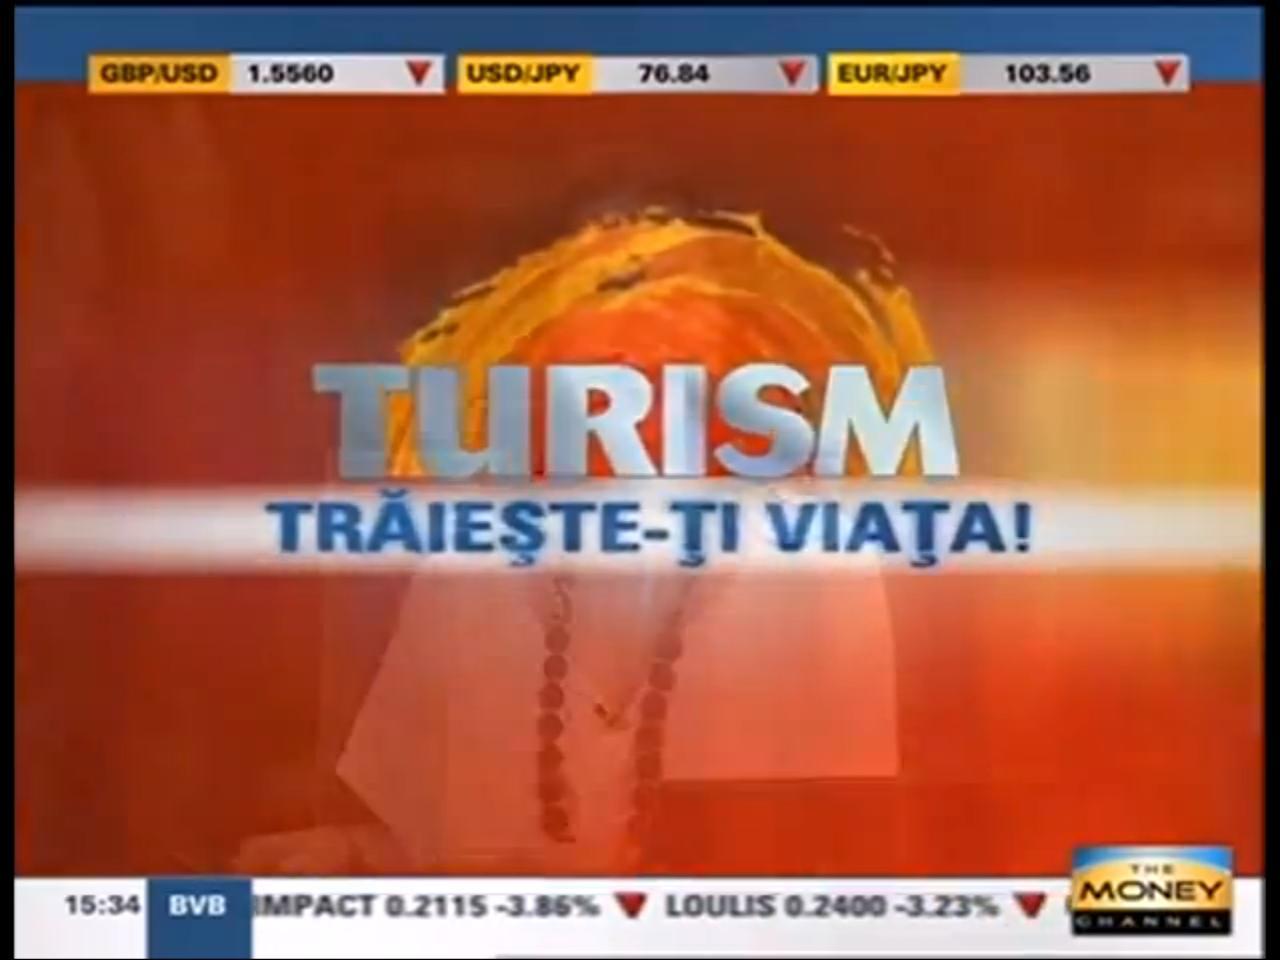 Înregistrare emisiunea de turism Trăieşte-ţi viaţa – ediţia 10, 23 decembrie 2011